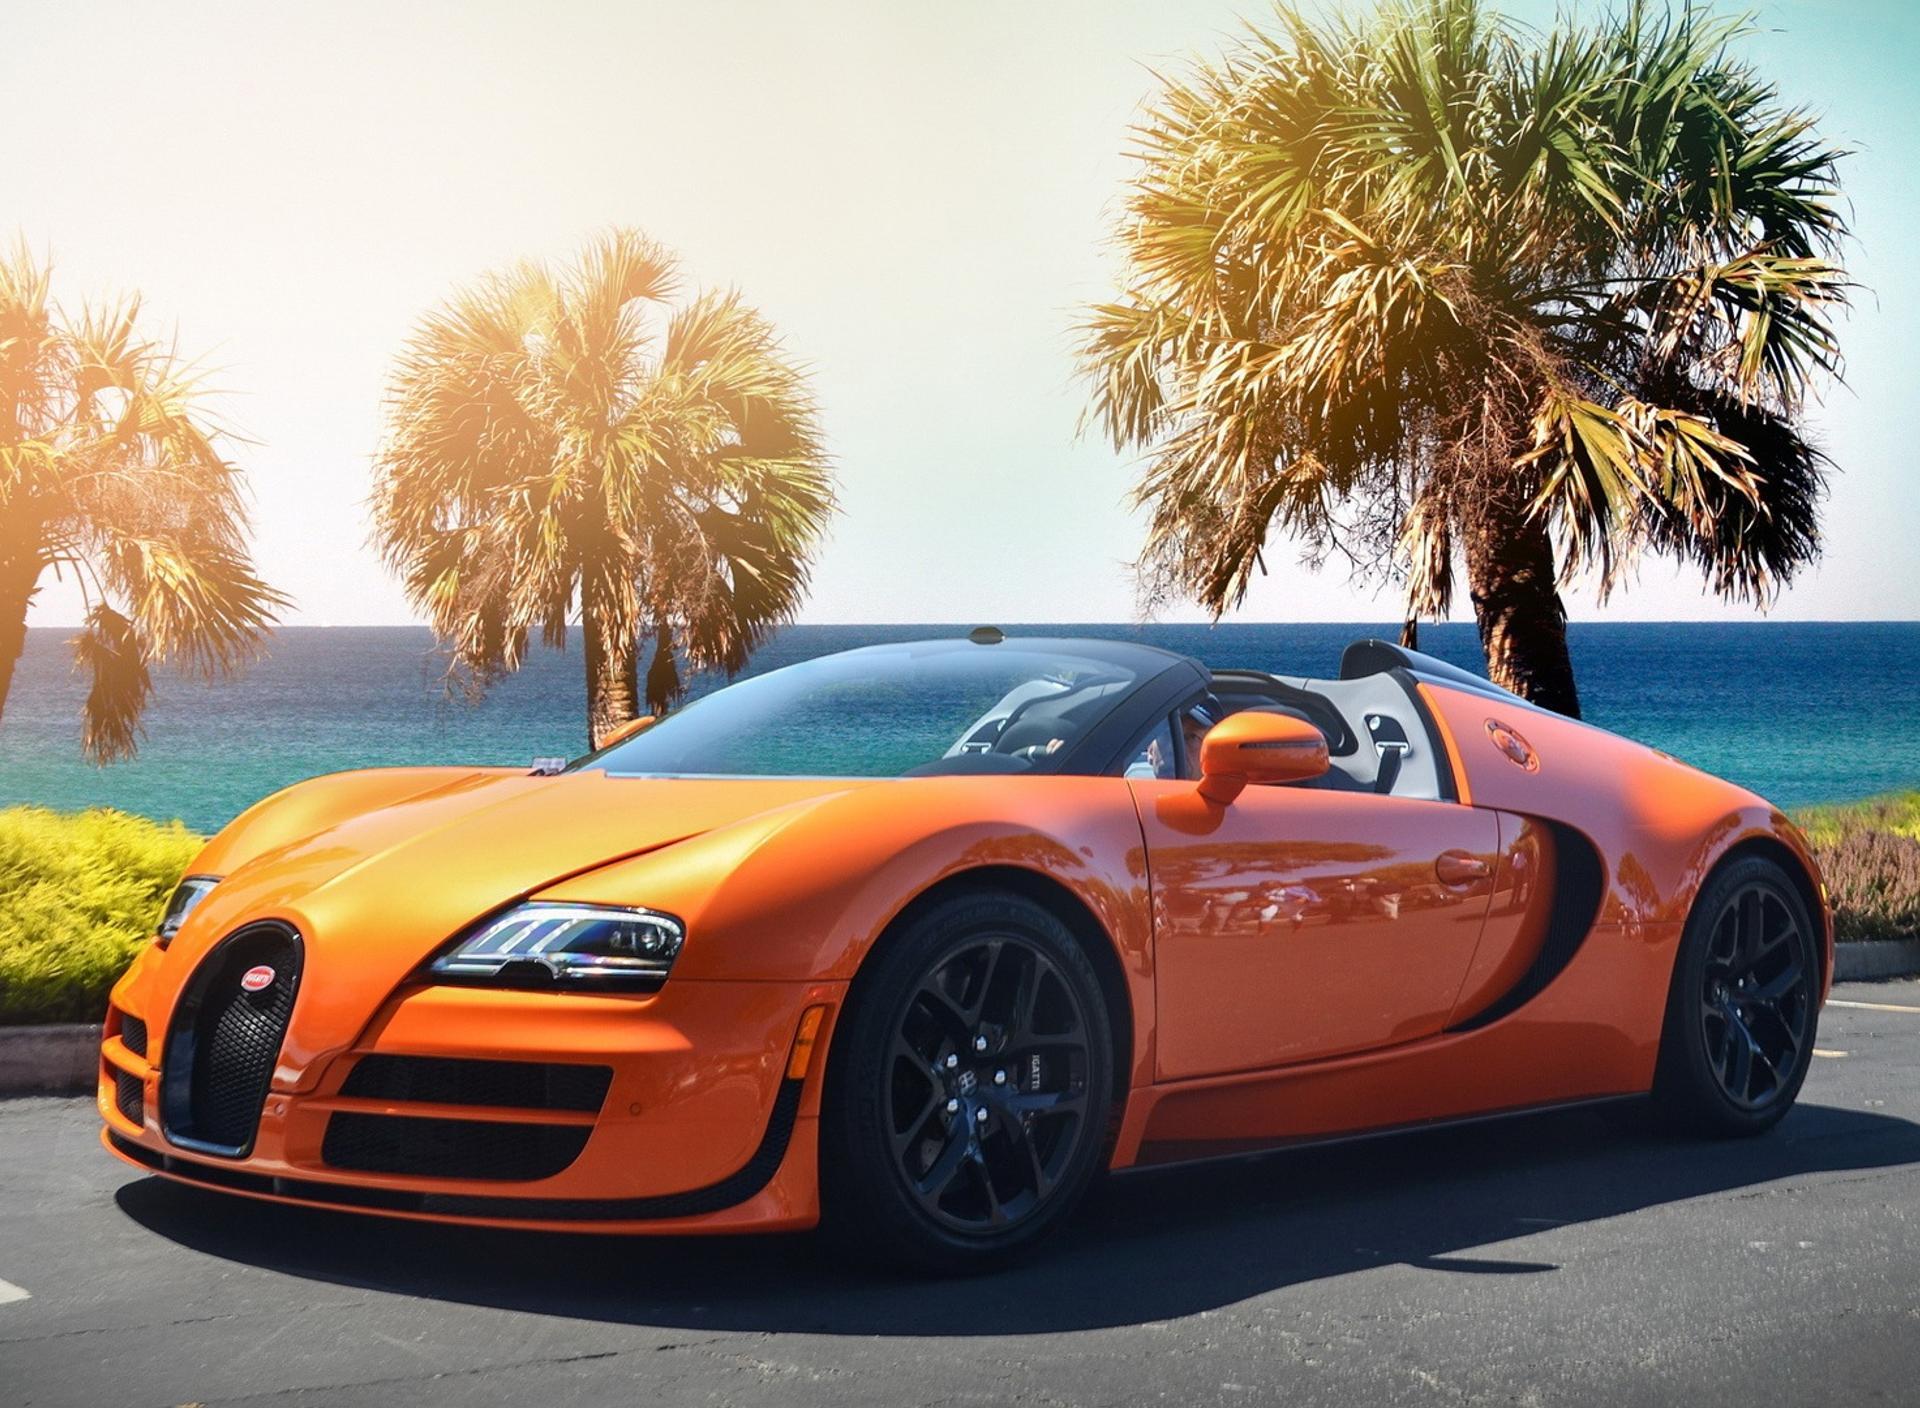 Gorgeous Orange Bugatti Veyron W16 On The Shore Of Sea Wallpaper